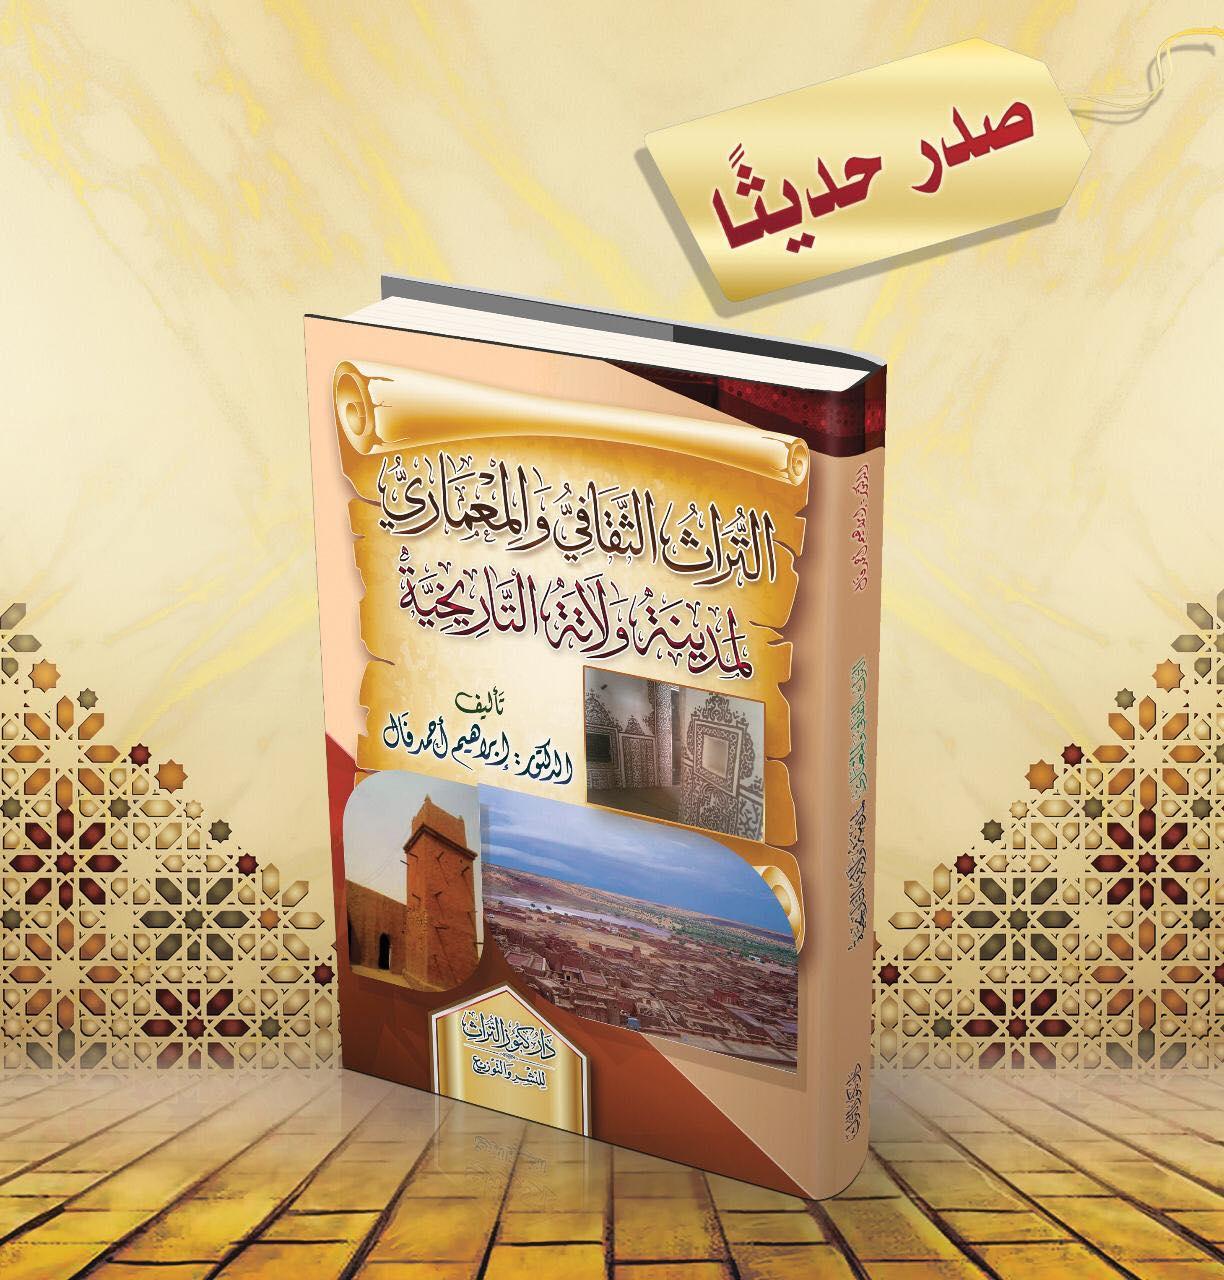 التراث الثقافي والمعماري لمدينة ولاته التاريخية